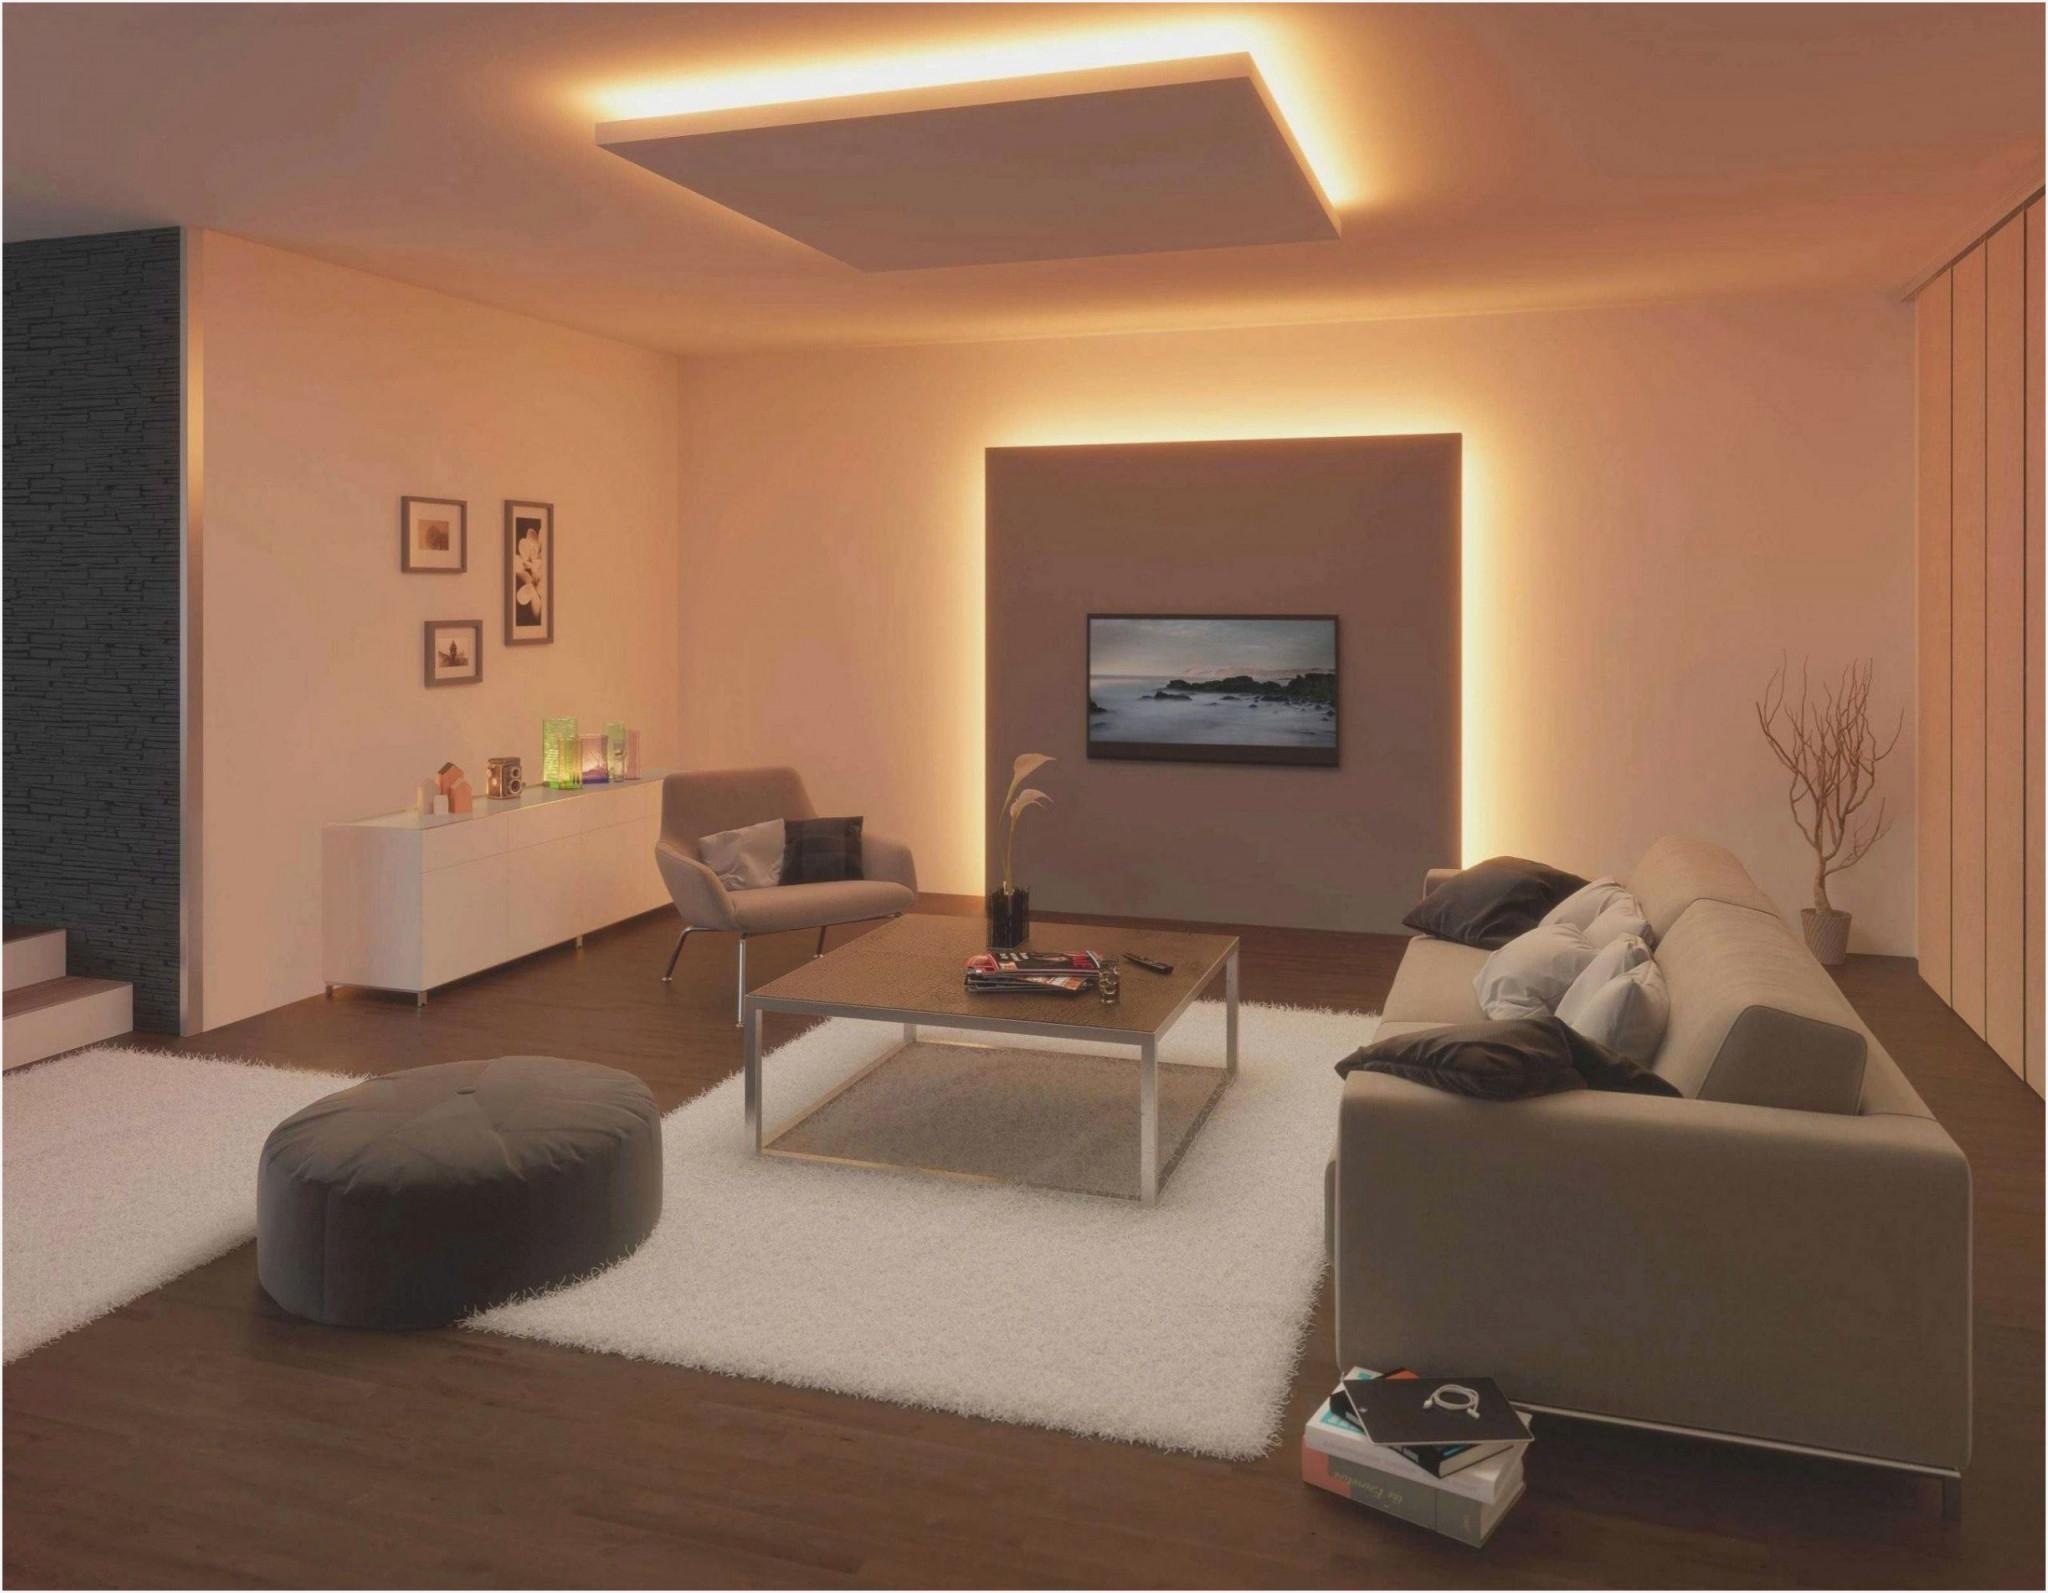 Moderne Tischlampen Fr Wohnzimmer  Wohnzimmer  Traumhaus von Moderne Tischlampen Wohnzimmer Photo